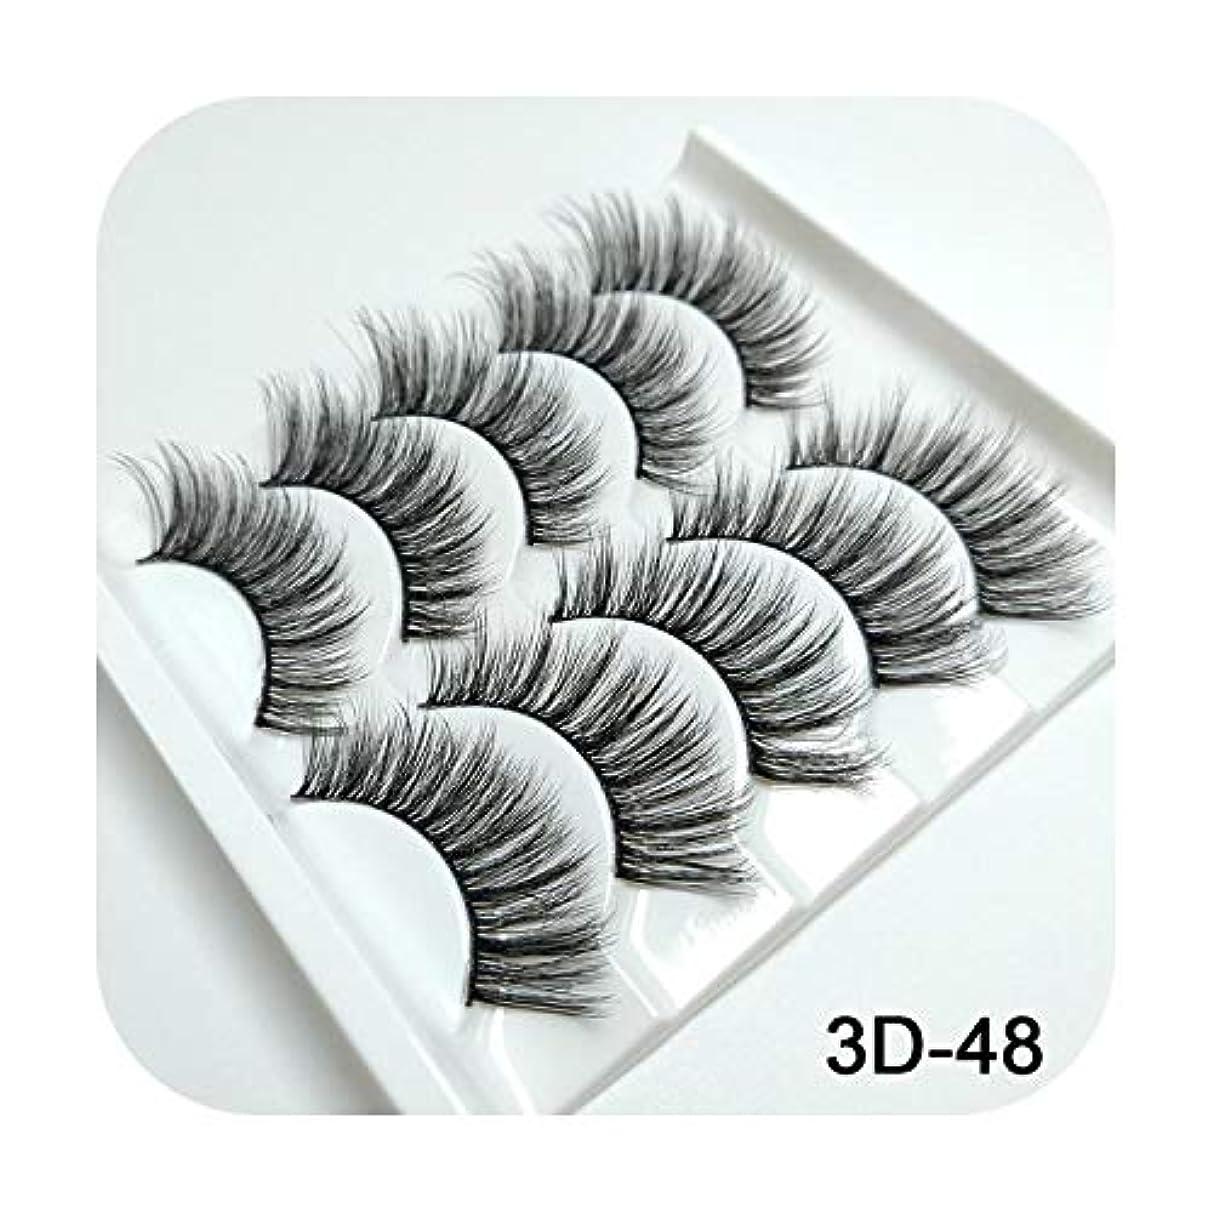 モニカフレット平行3Dミンクまつげナチュラルつけまつげロングまつげエクステンション5ペアフェイクフェイクラッシュ,3D-48